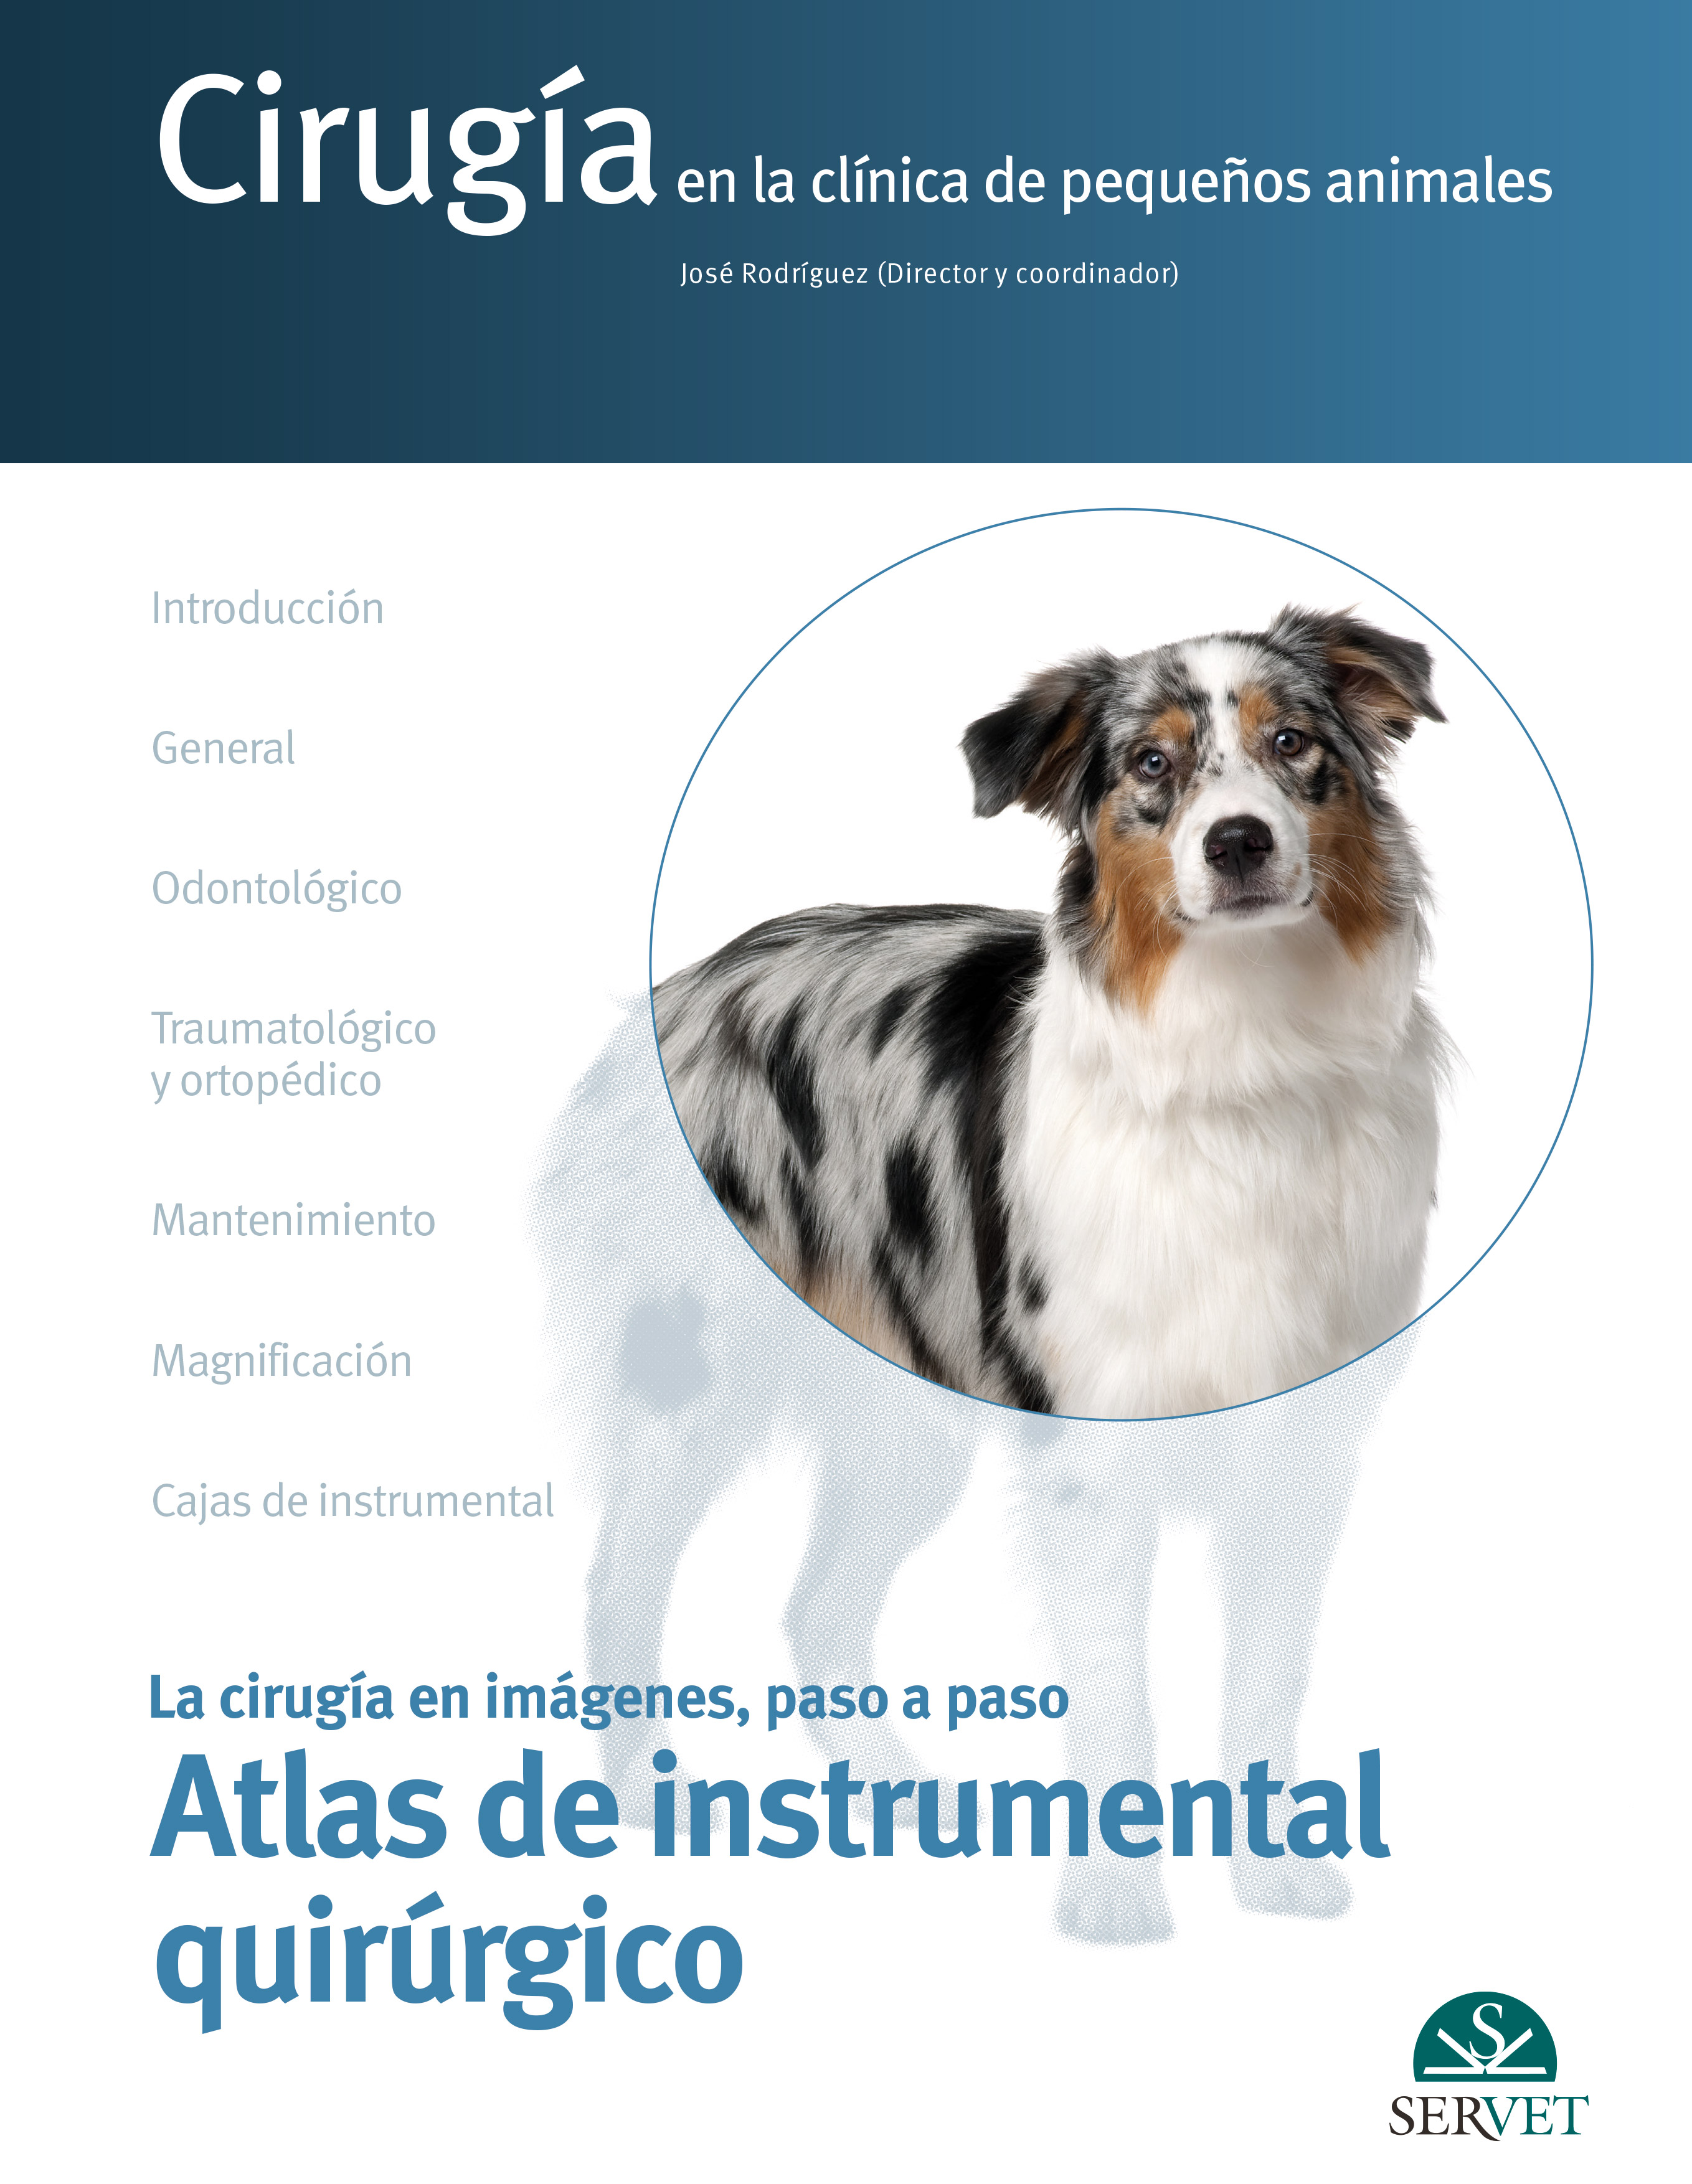 Atlas de instrumental quirúrgico